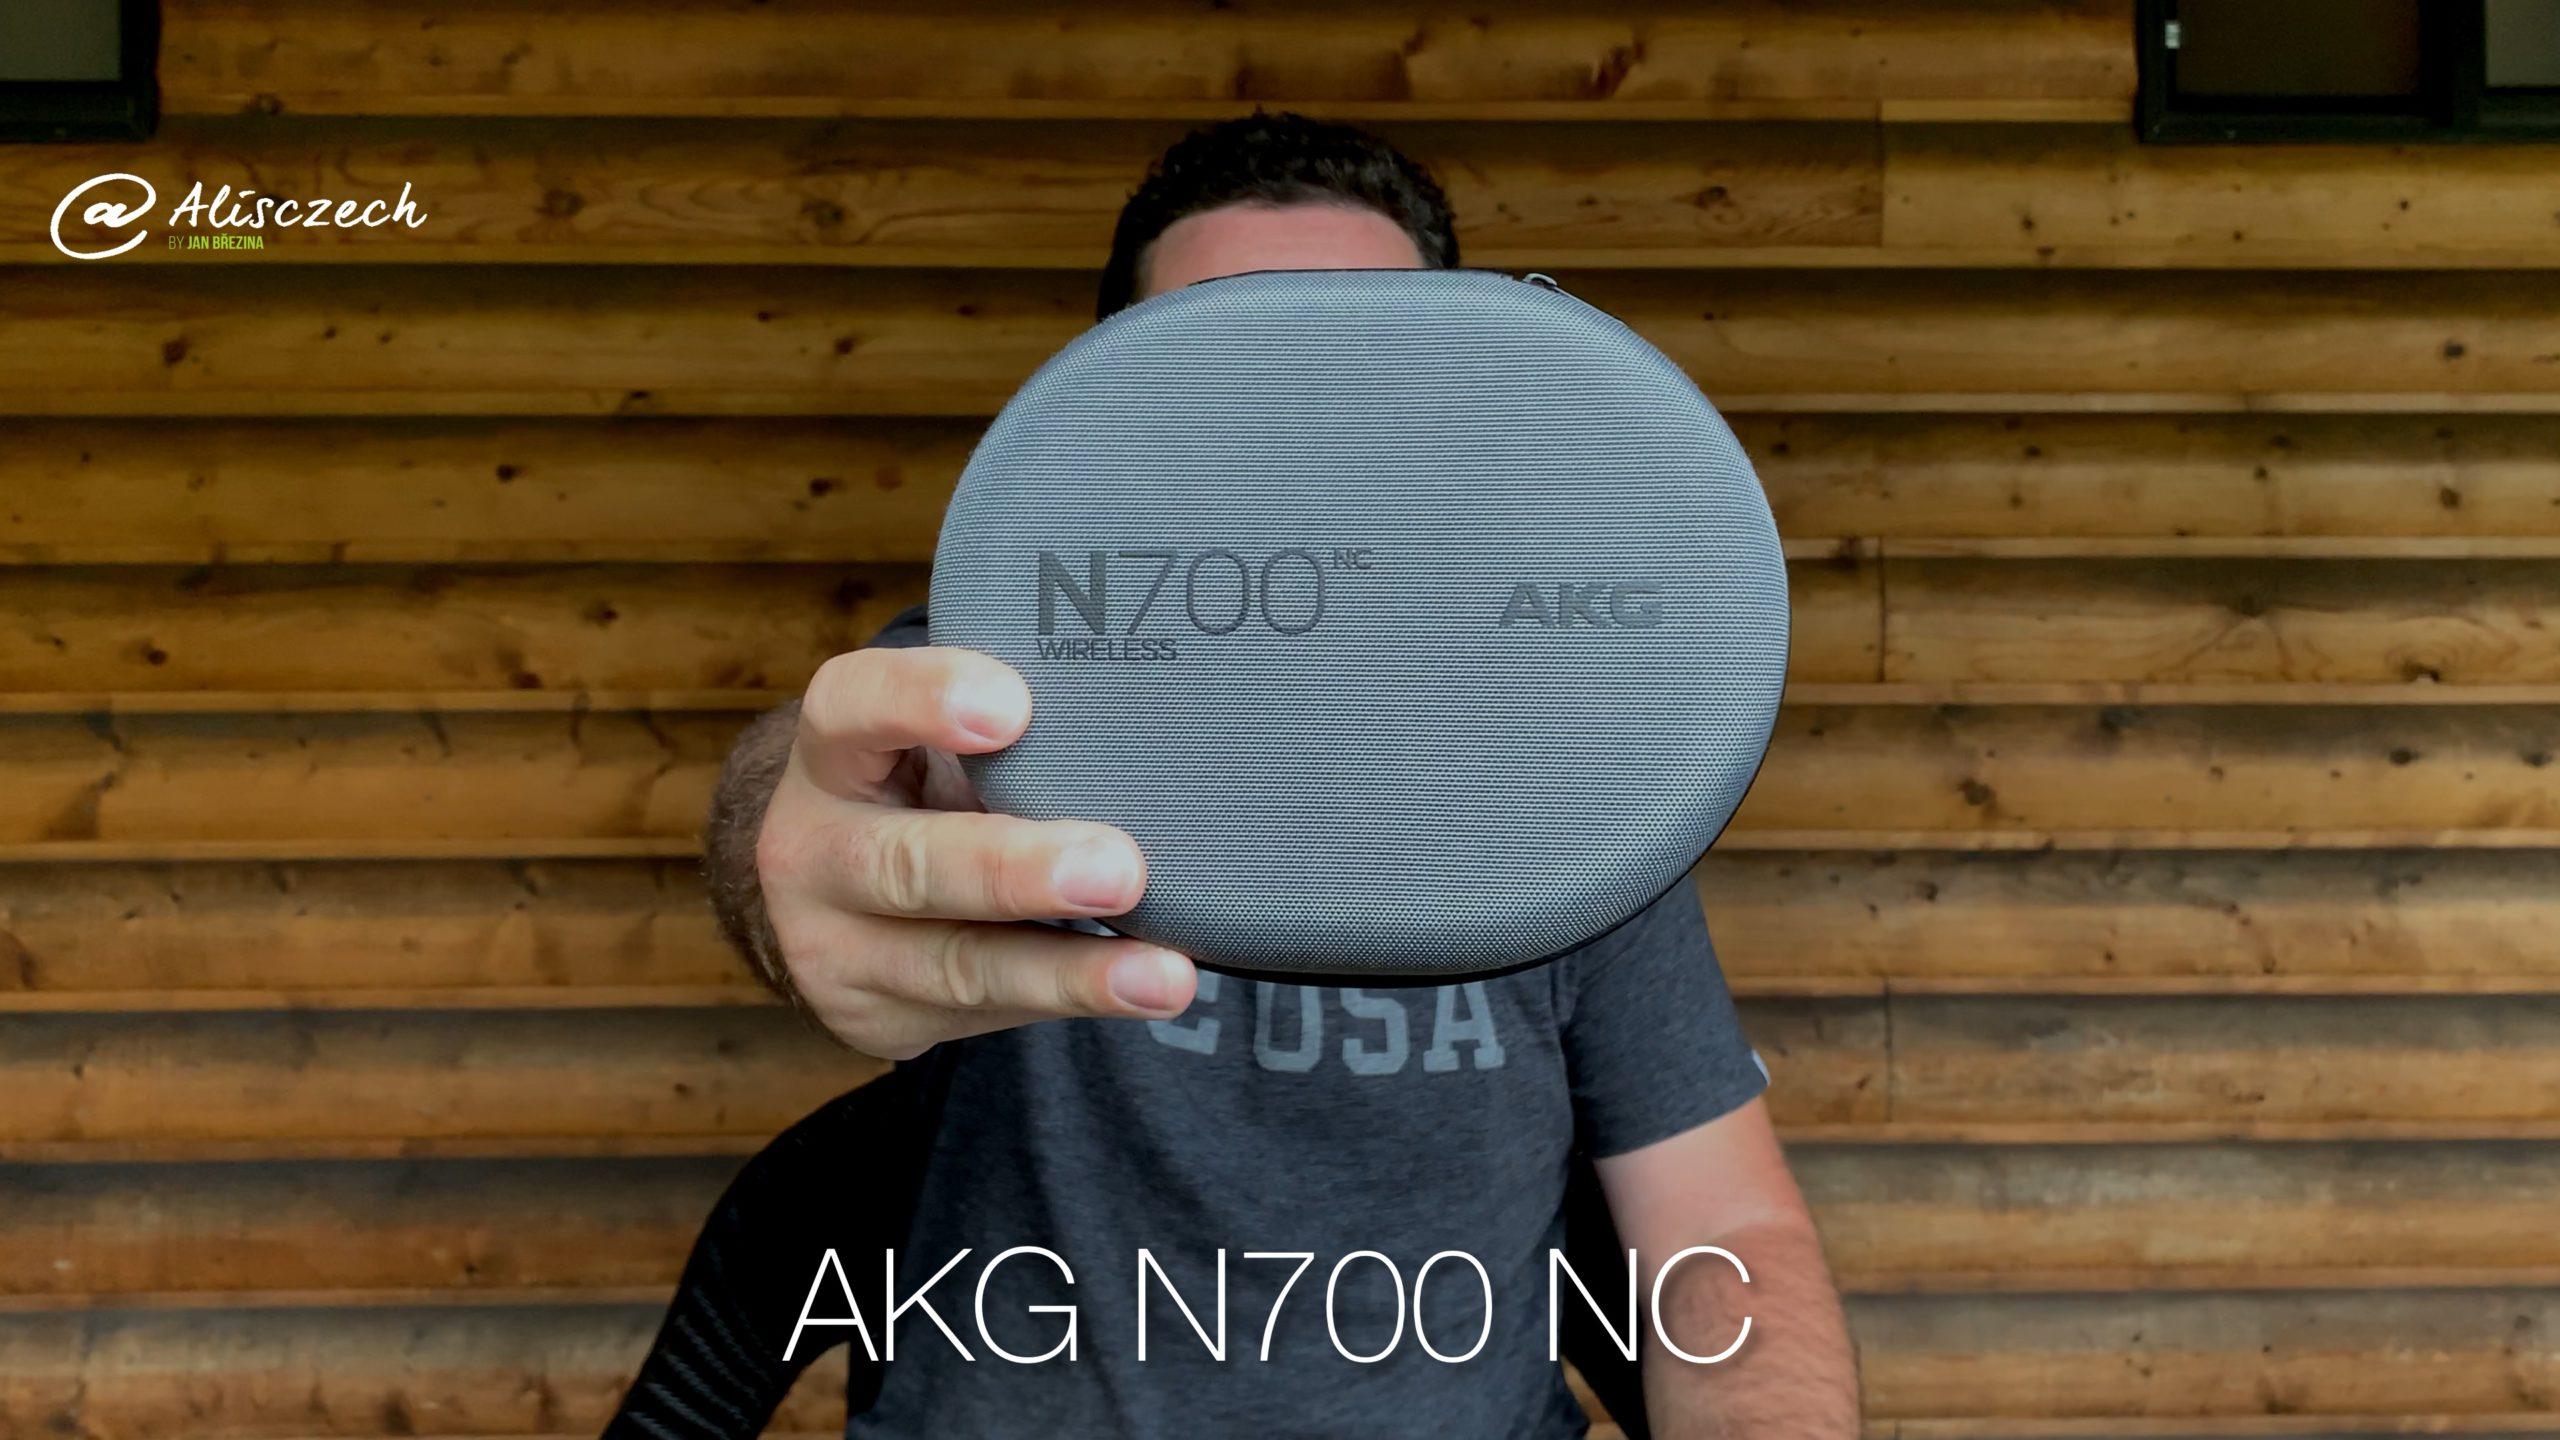 AKG N700 NC